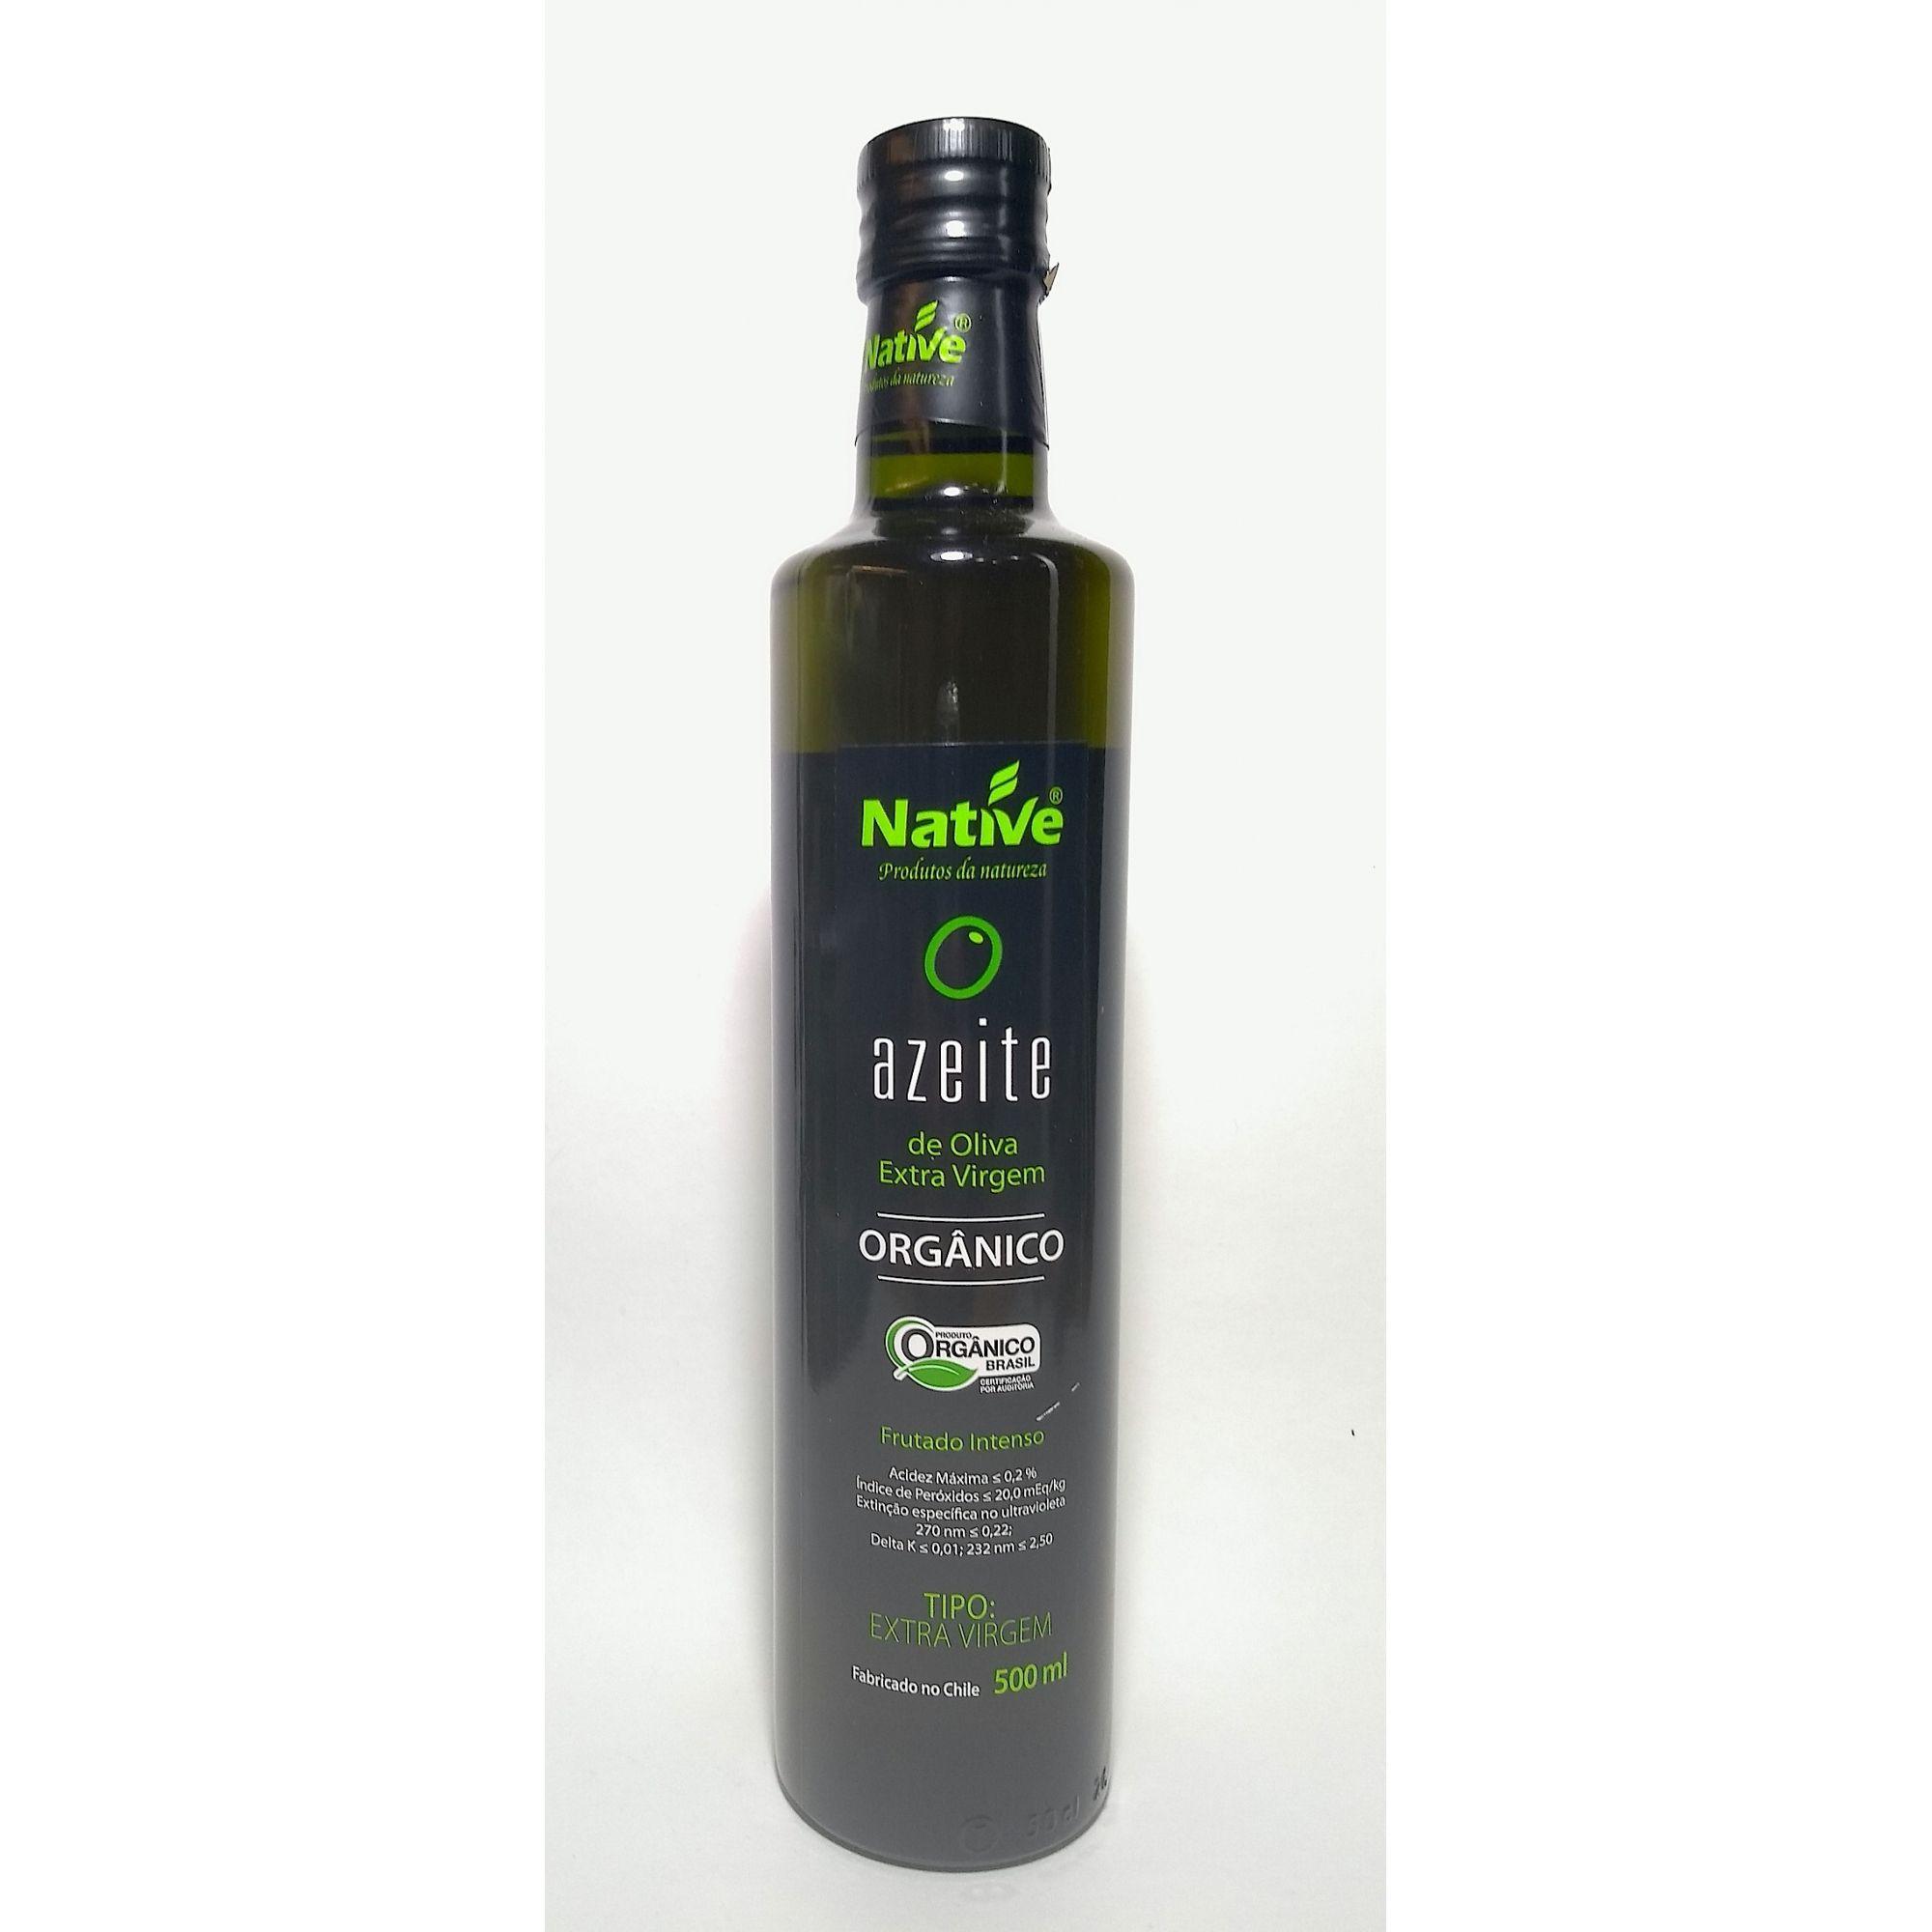 Azeite de oliva extra virgem orgânico – Native